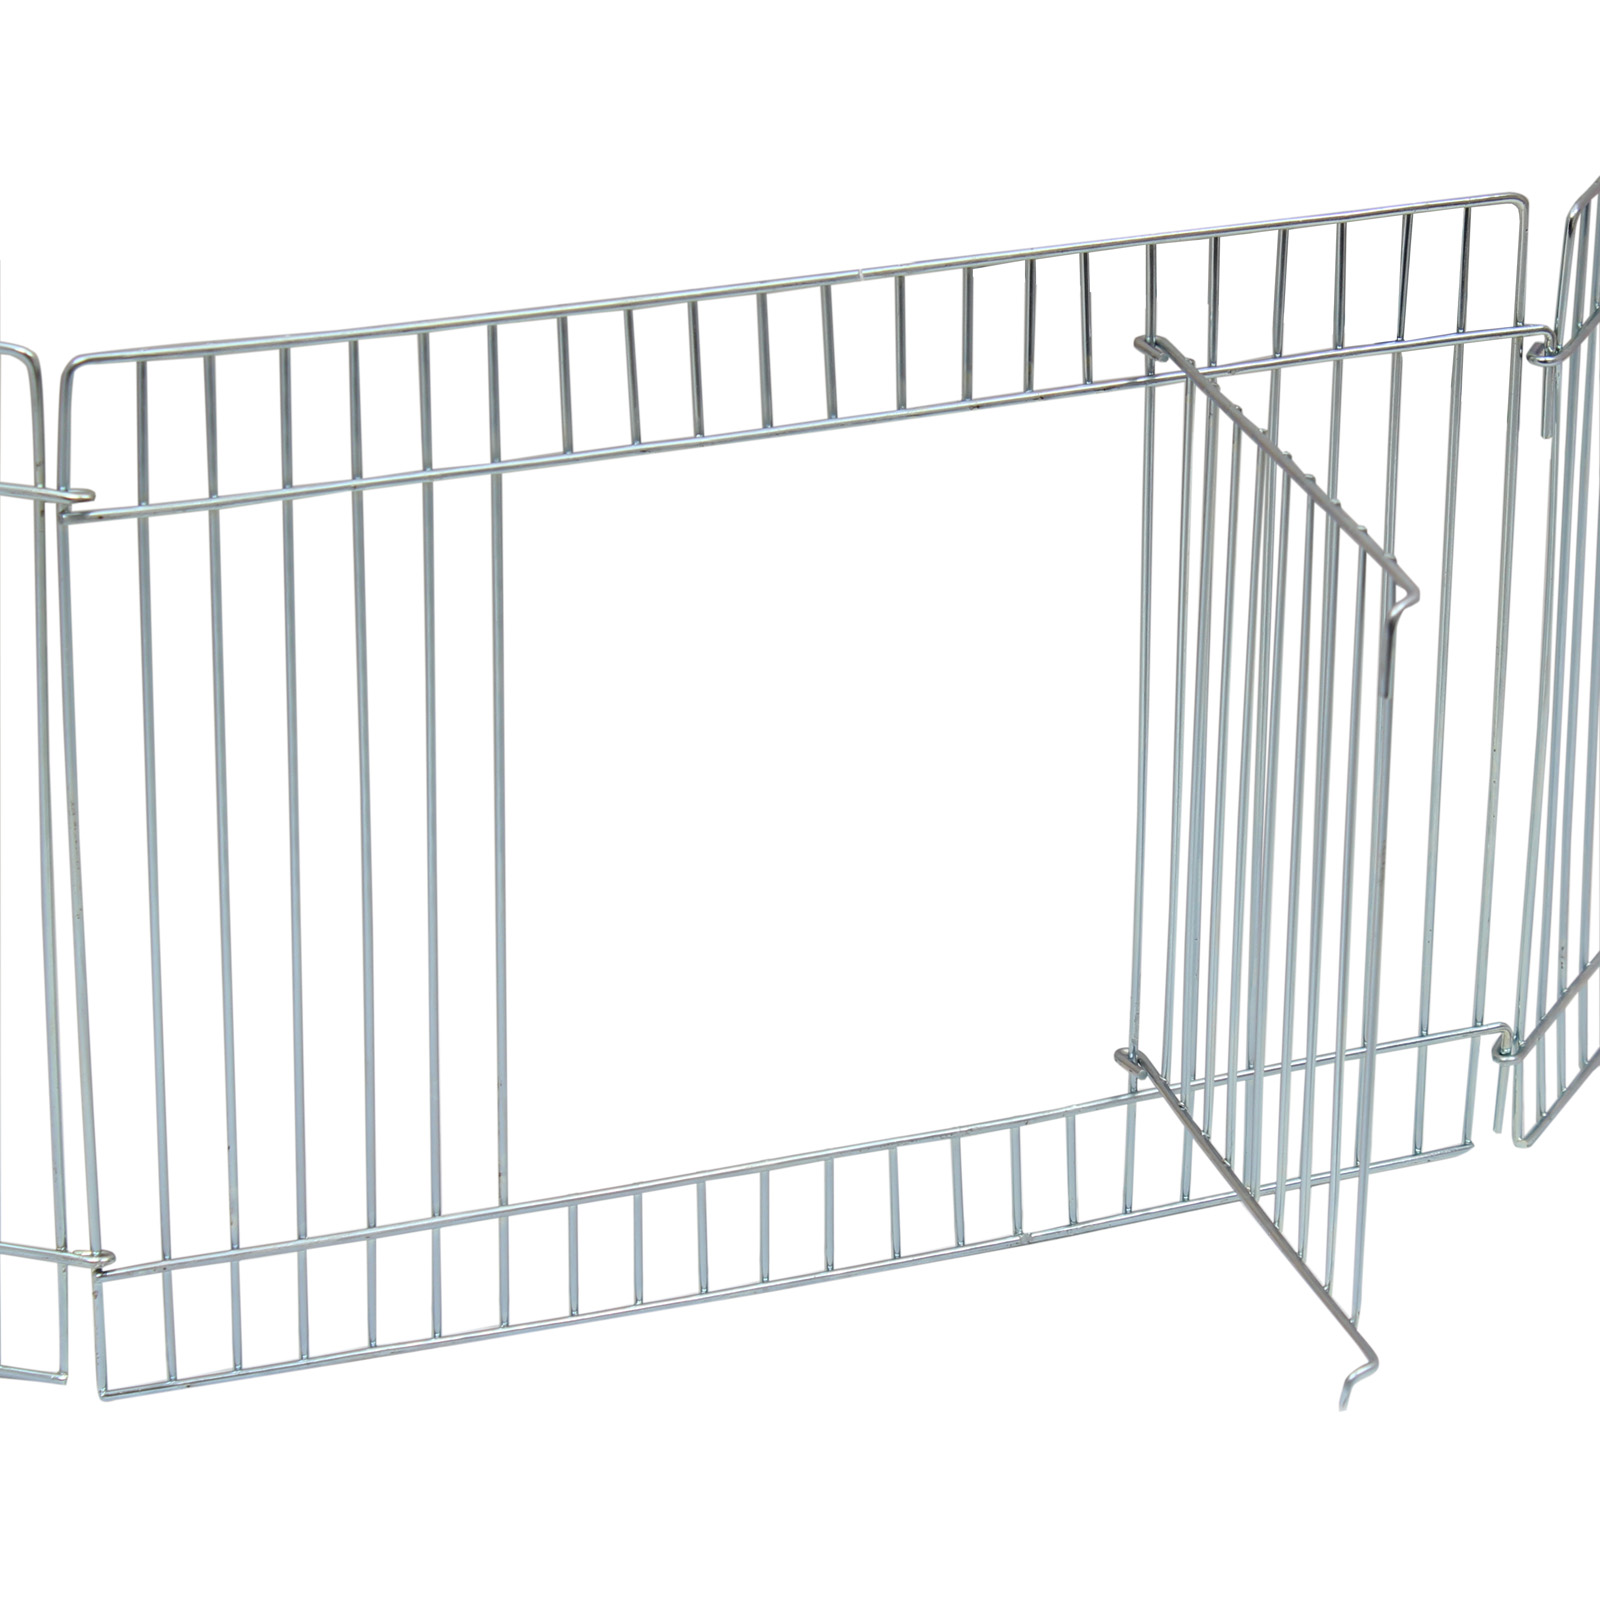 Me Amp My Small Pet Playpen Cage Amp Floor Mat Rabbit Guinea Pig Hamster Garden Run